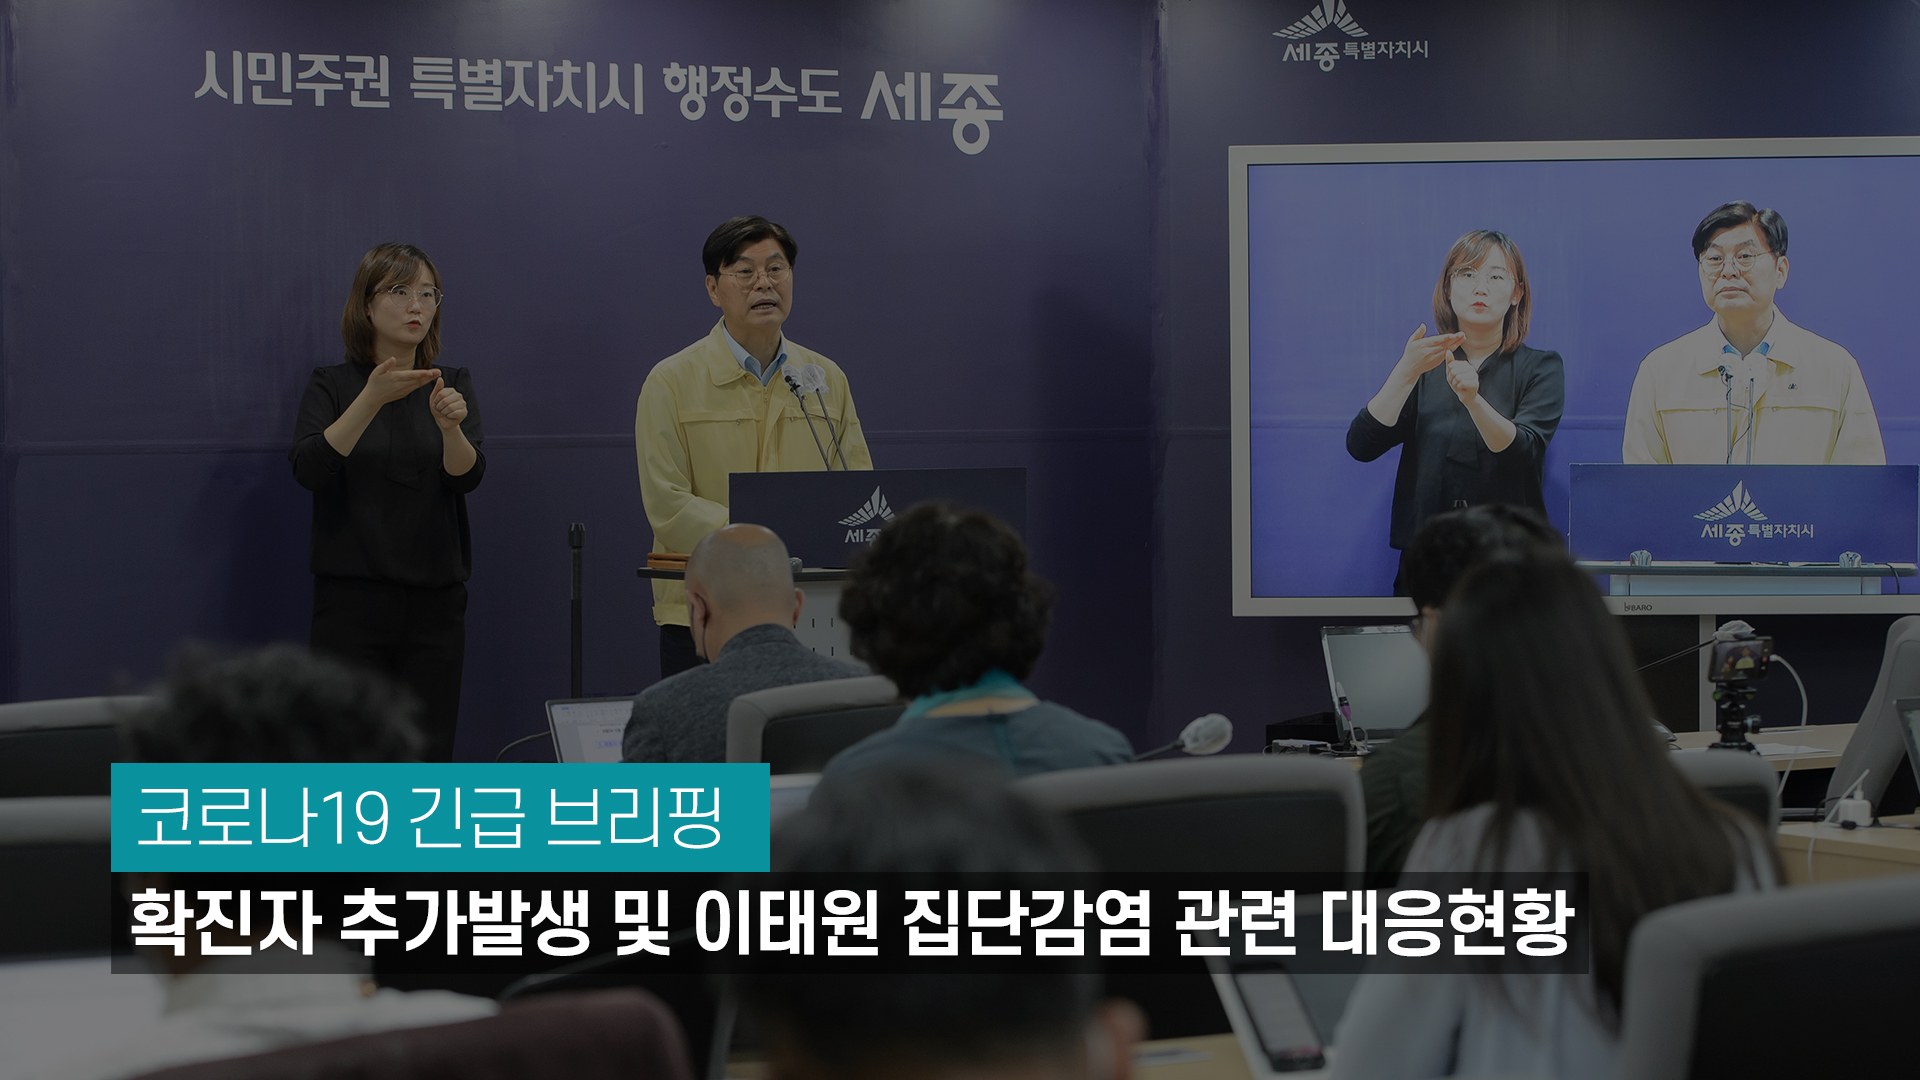 <긴급브리핑> 코로나19 관련, 긴급재난지원금(질의응답)